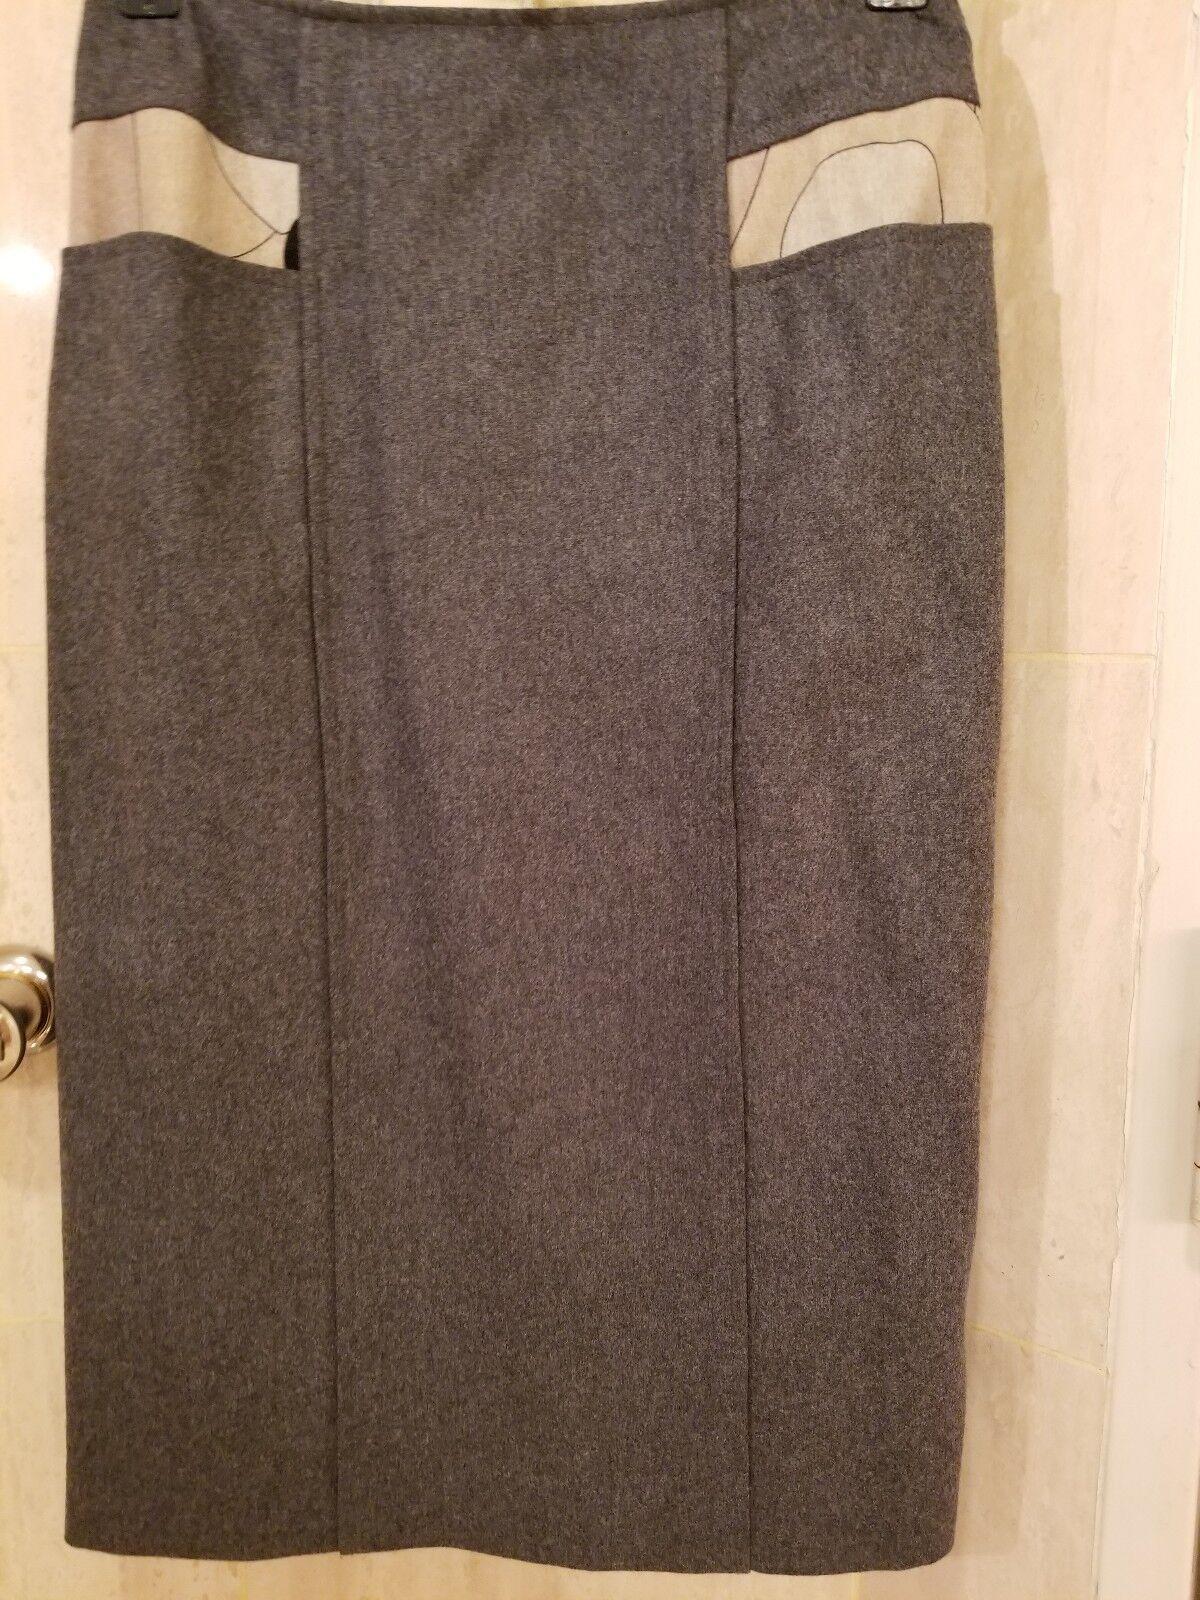 Pucci wool  skirt,size 6